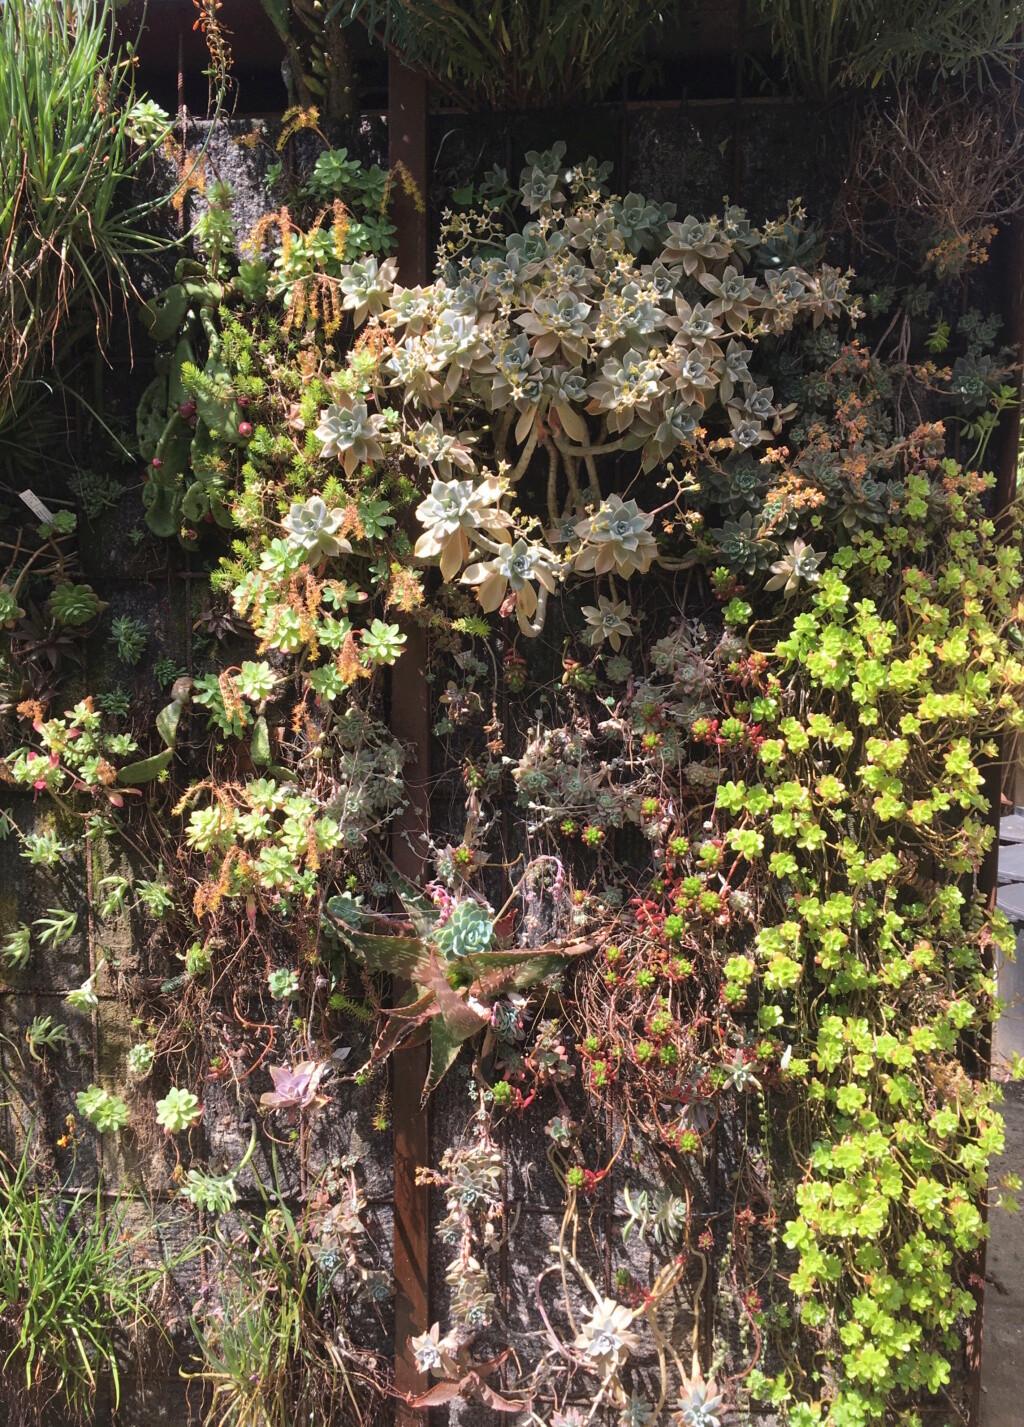 Mon mur végétal de succulentes - Page 2 Img_8621